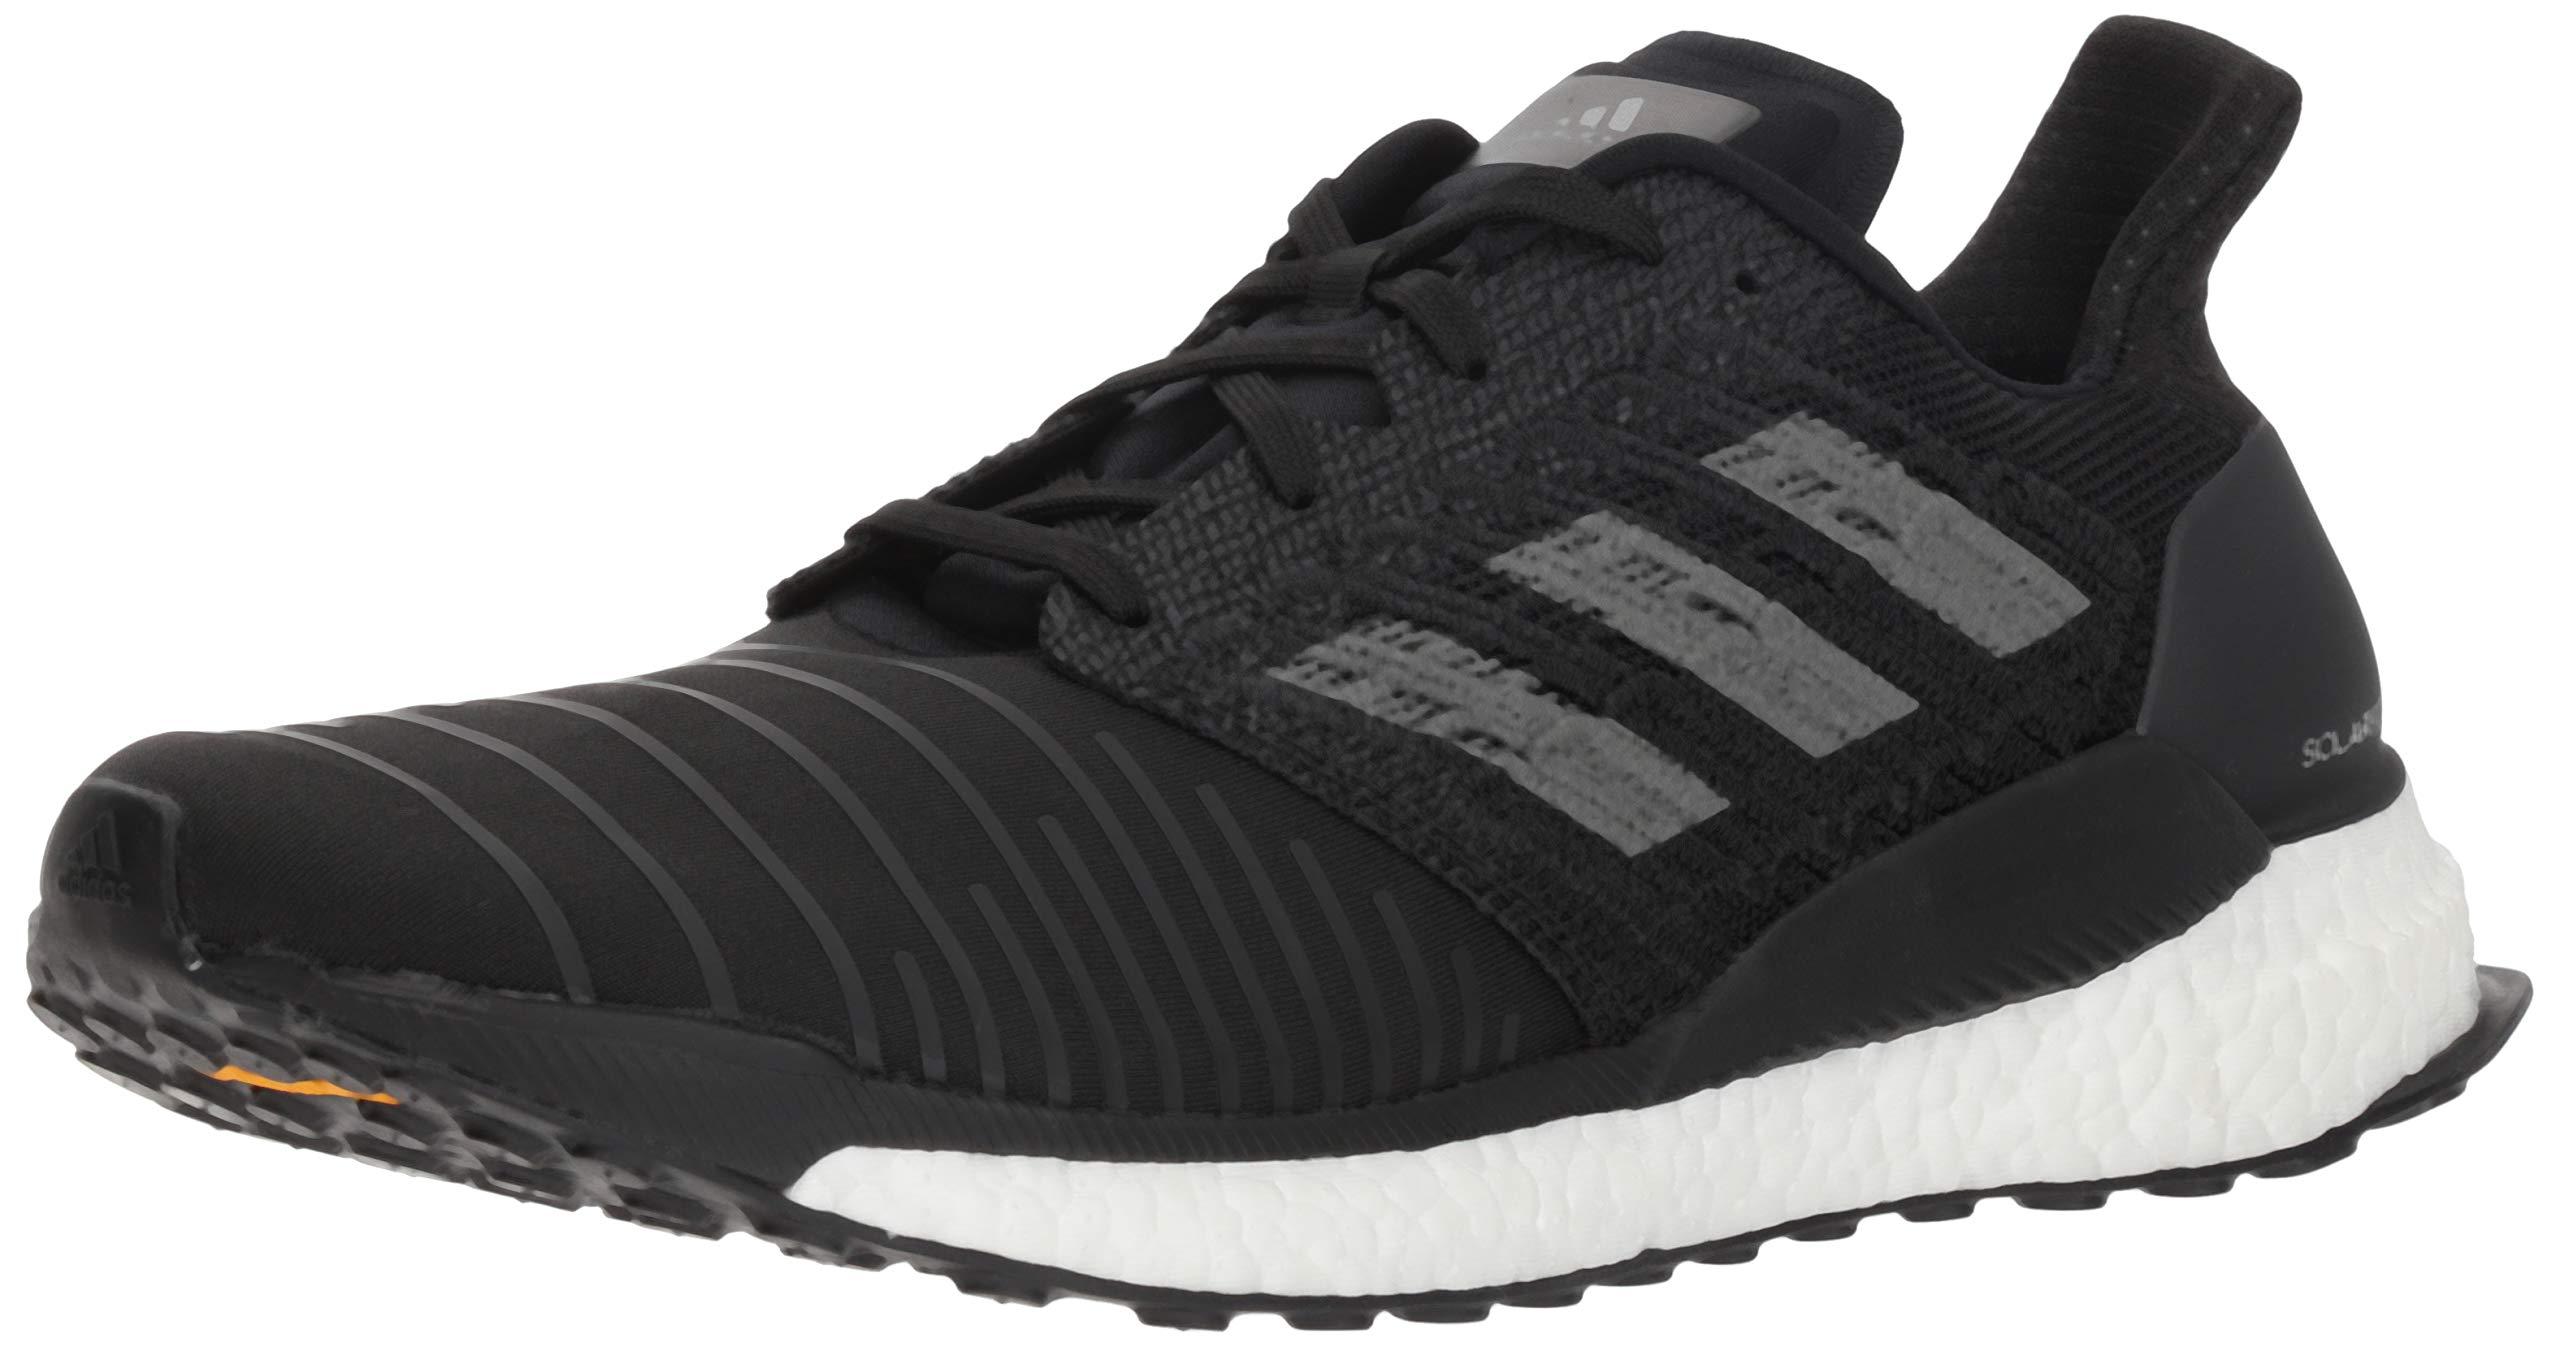 best website 2b437 56221 Galleon - Adidas Men s Solar Boost, Black Grey White, 11.5 M US